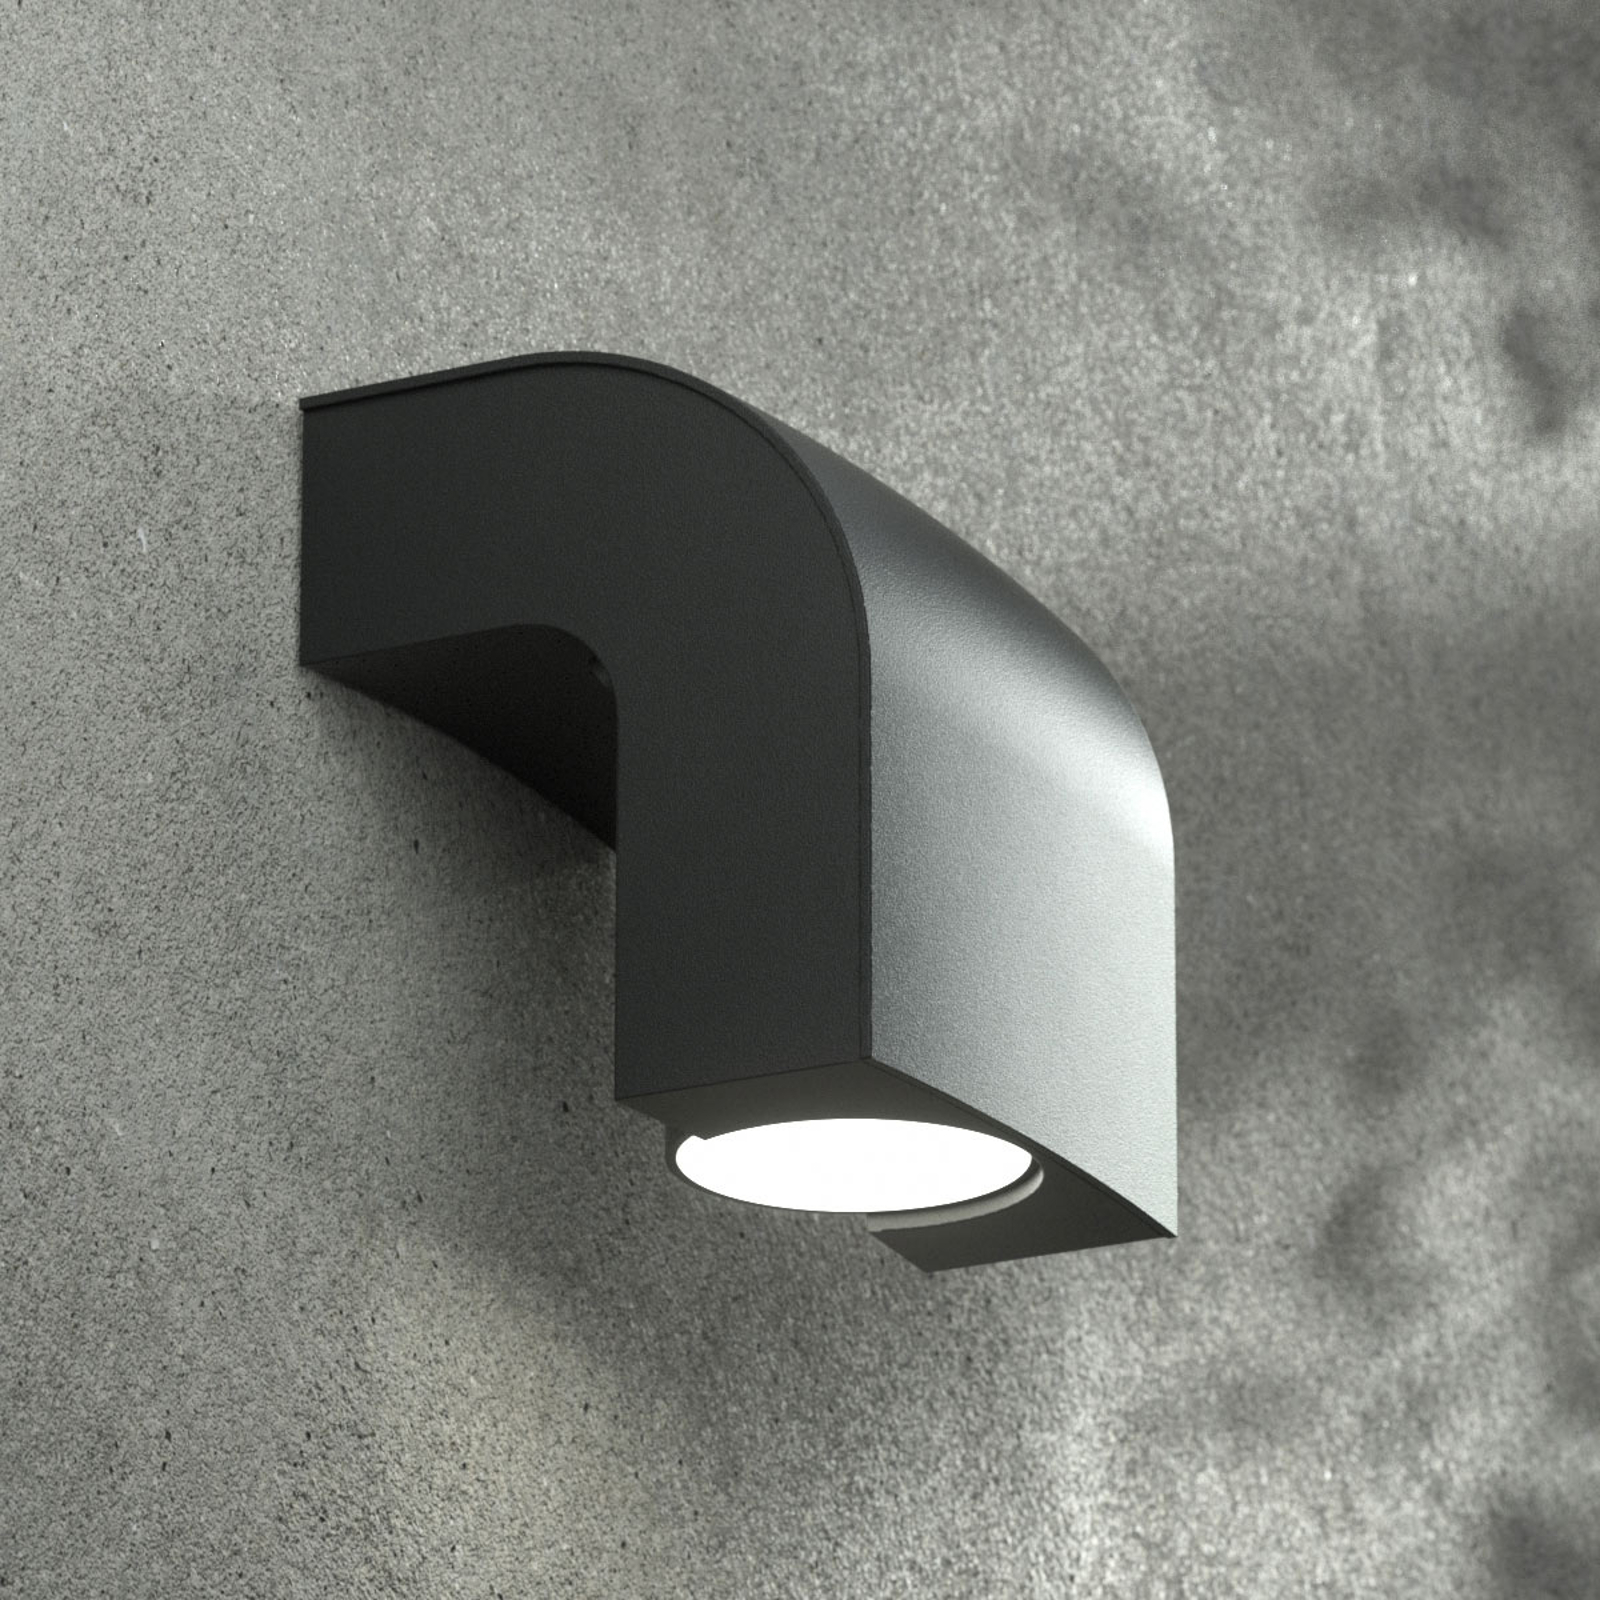 Kinkiet zewnętrzny KLAMP, 13 cm, 1-punktowy